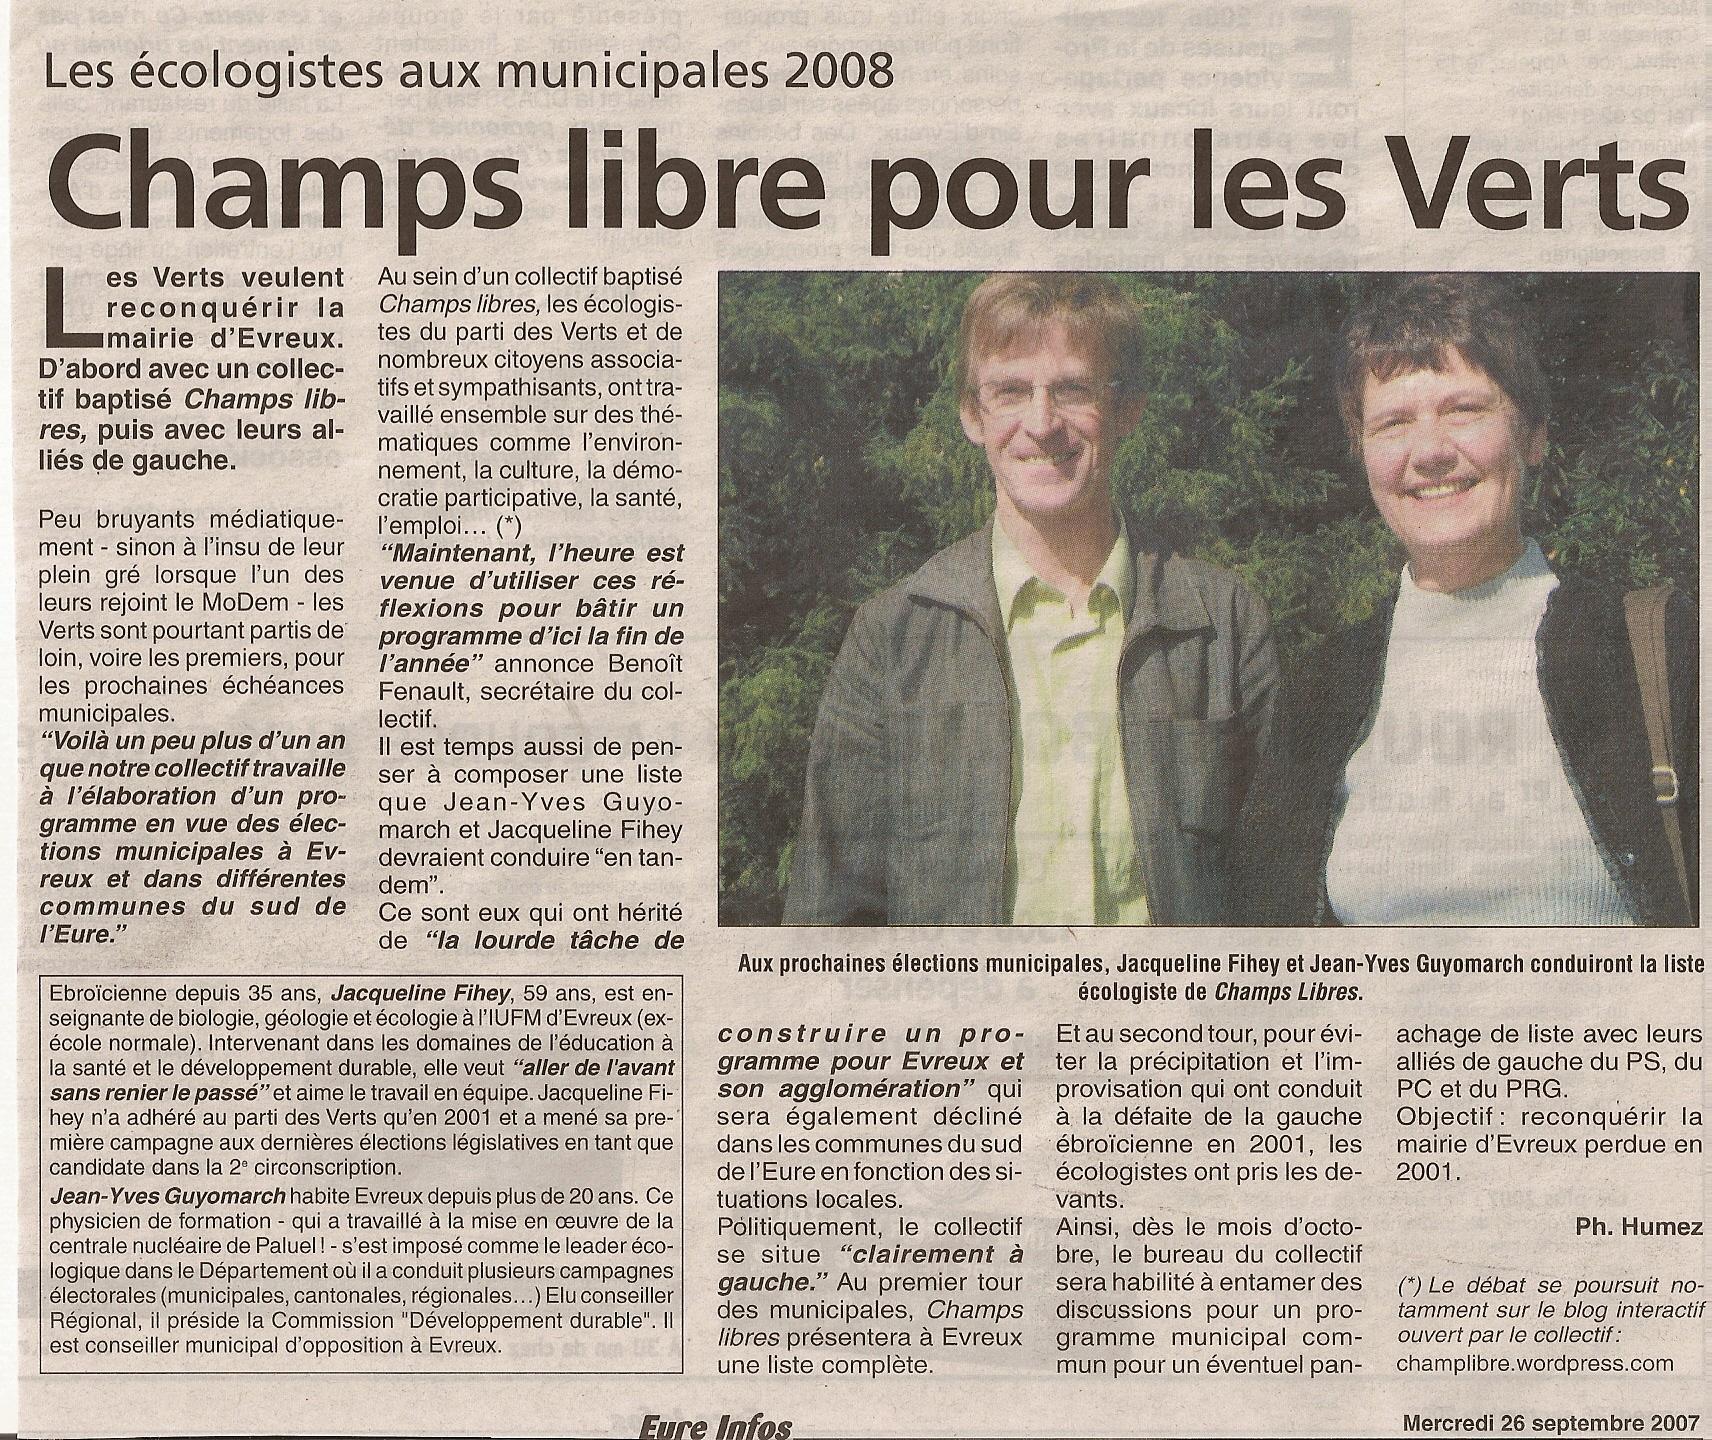 Eure info 26 septembre 2007 - Conférence de lancement de la campagne des élections municipales de Champs Libres àEvreux